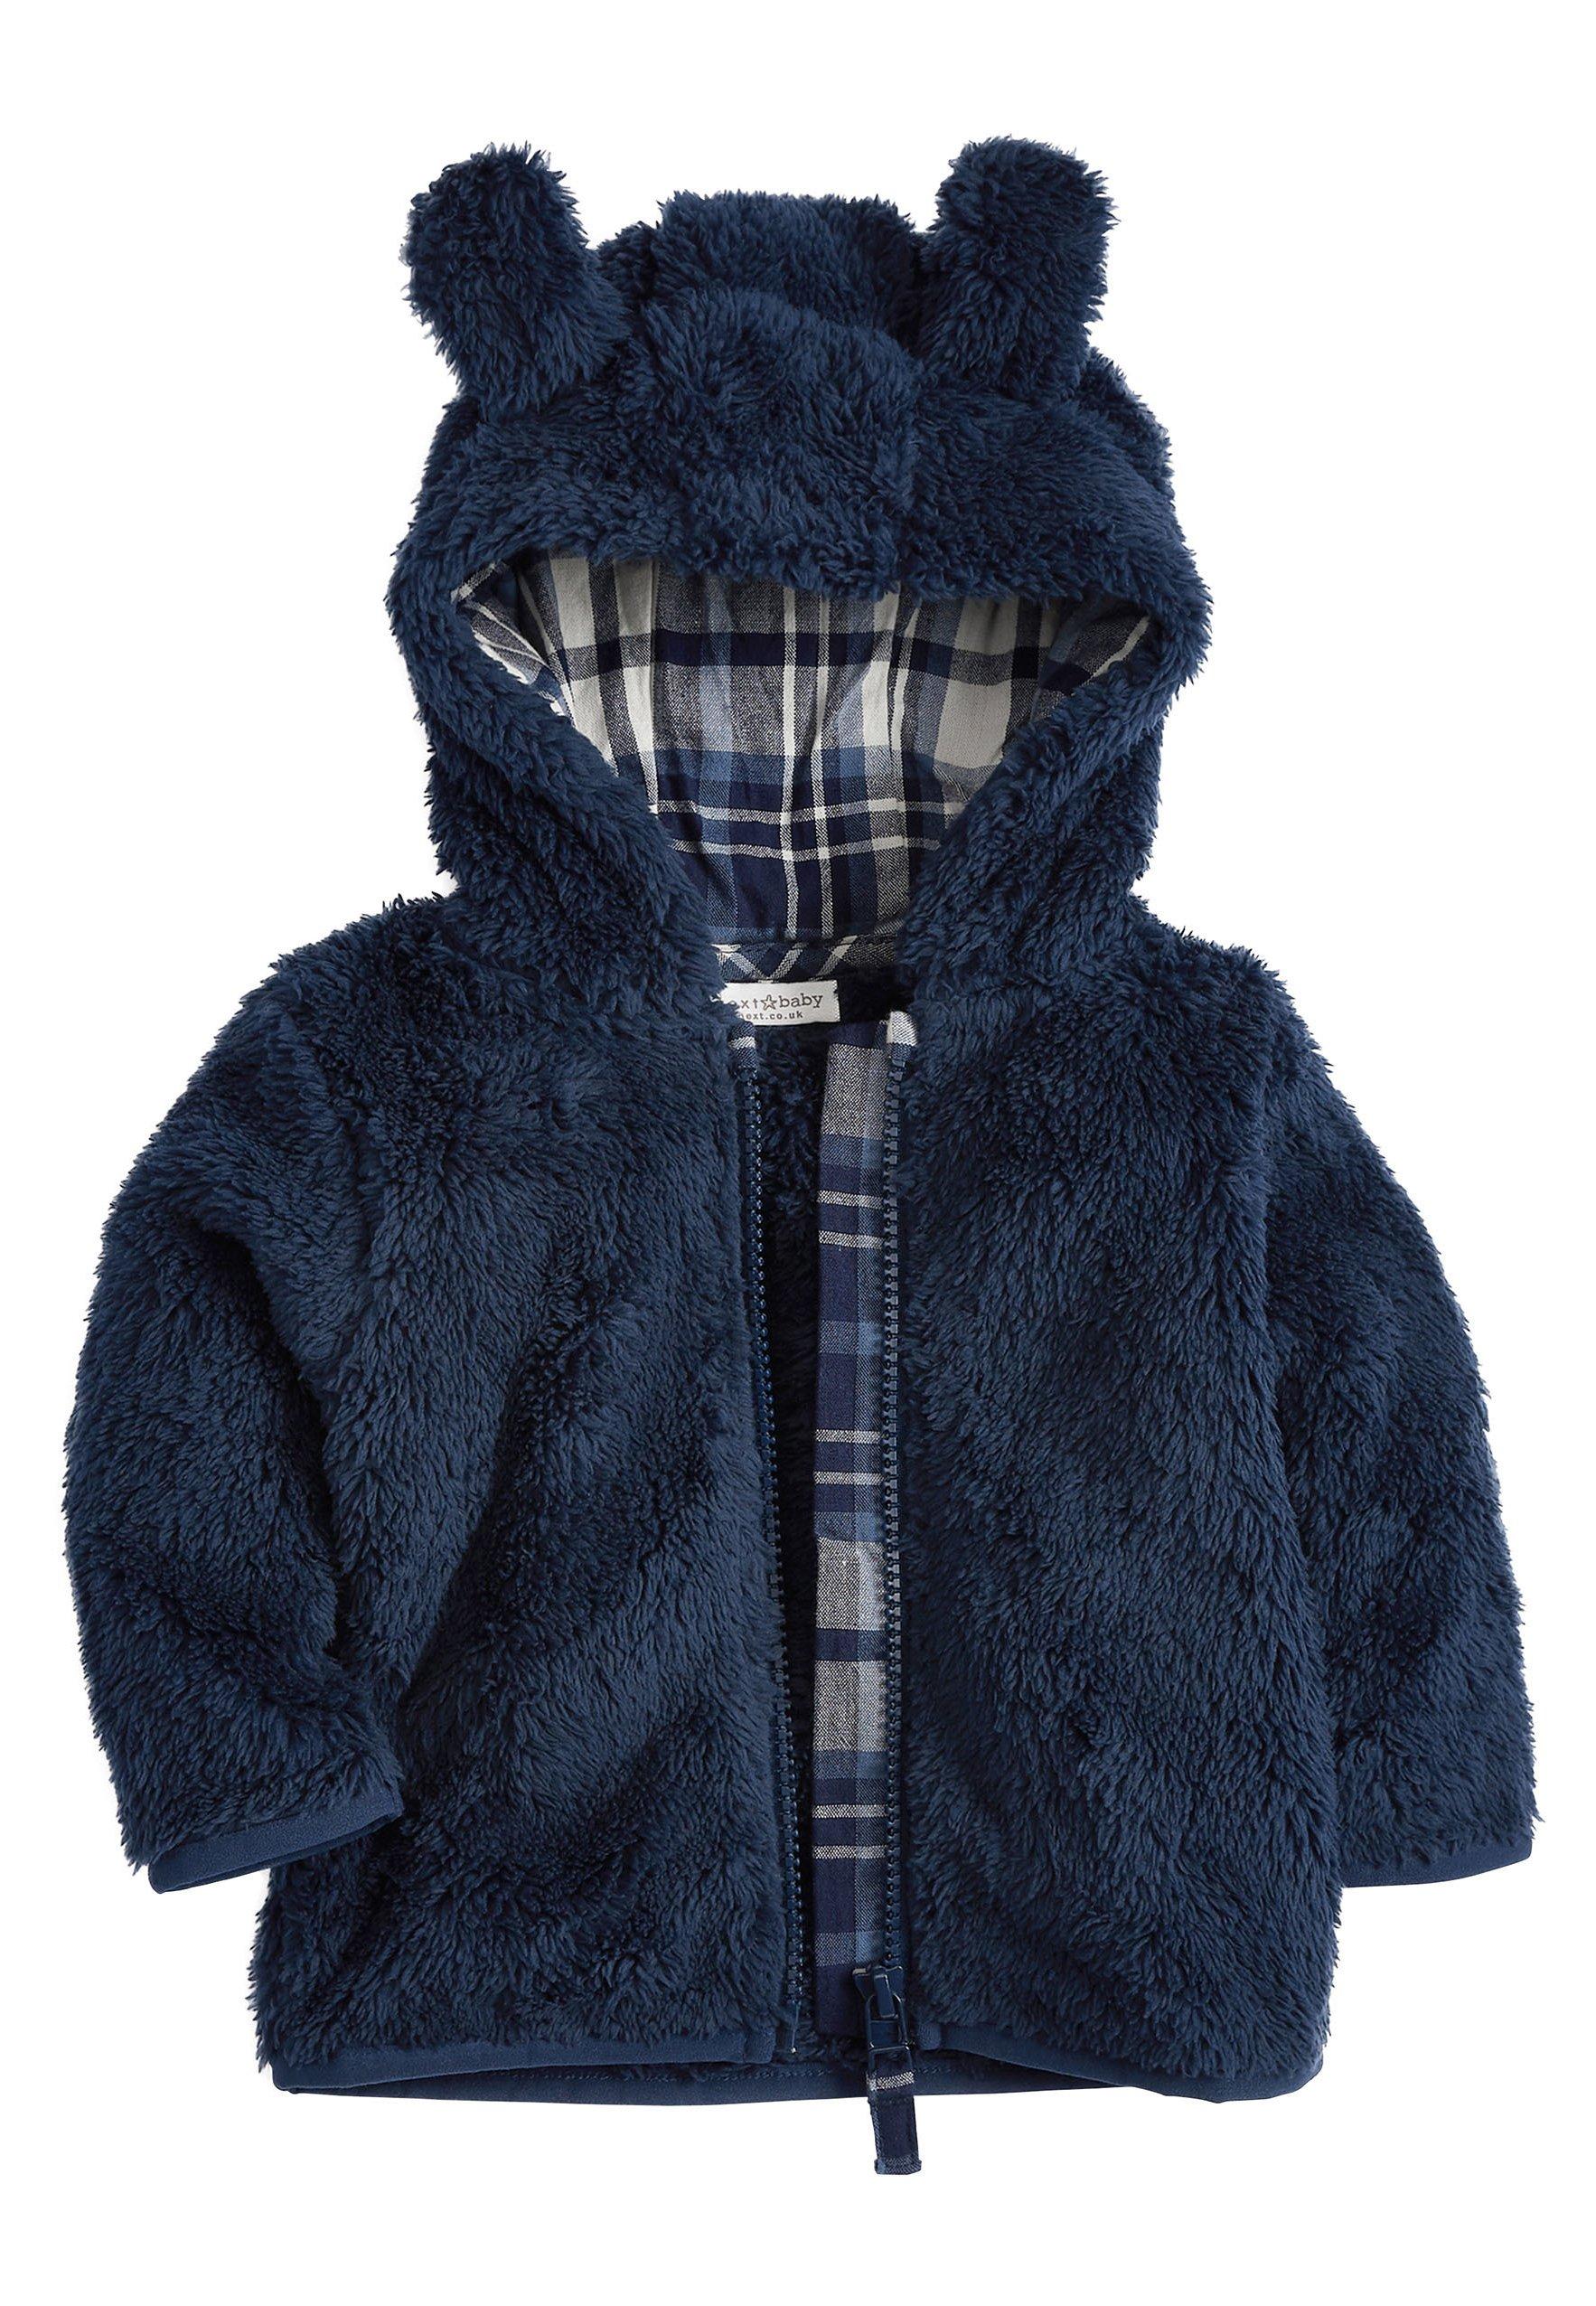 polartec fleece jacke kinder 92 größe